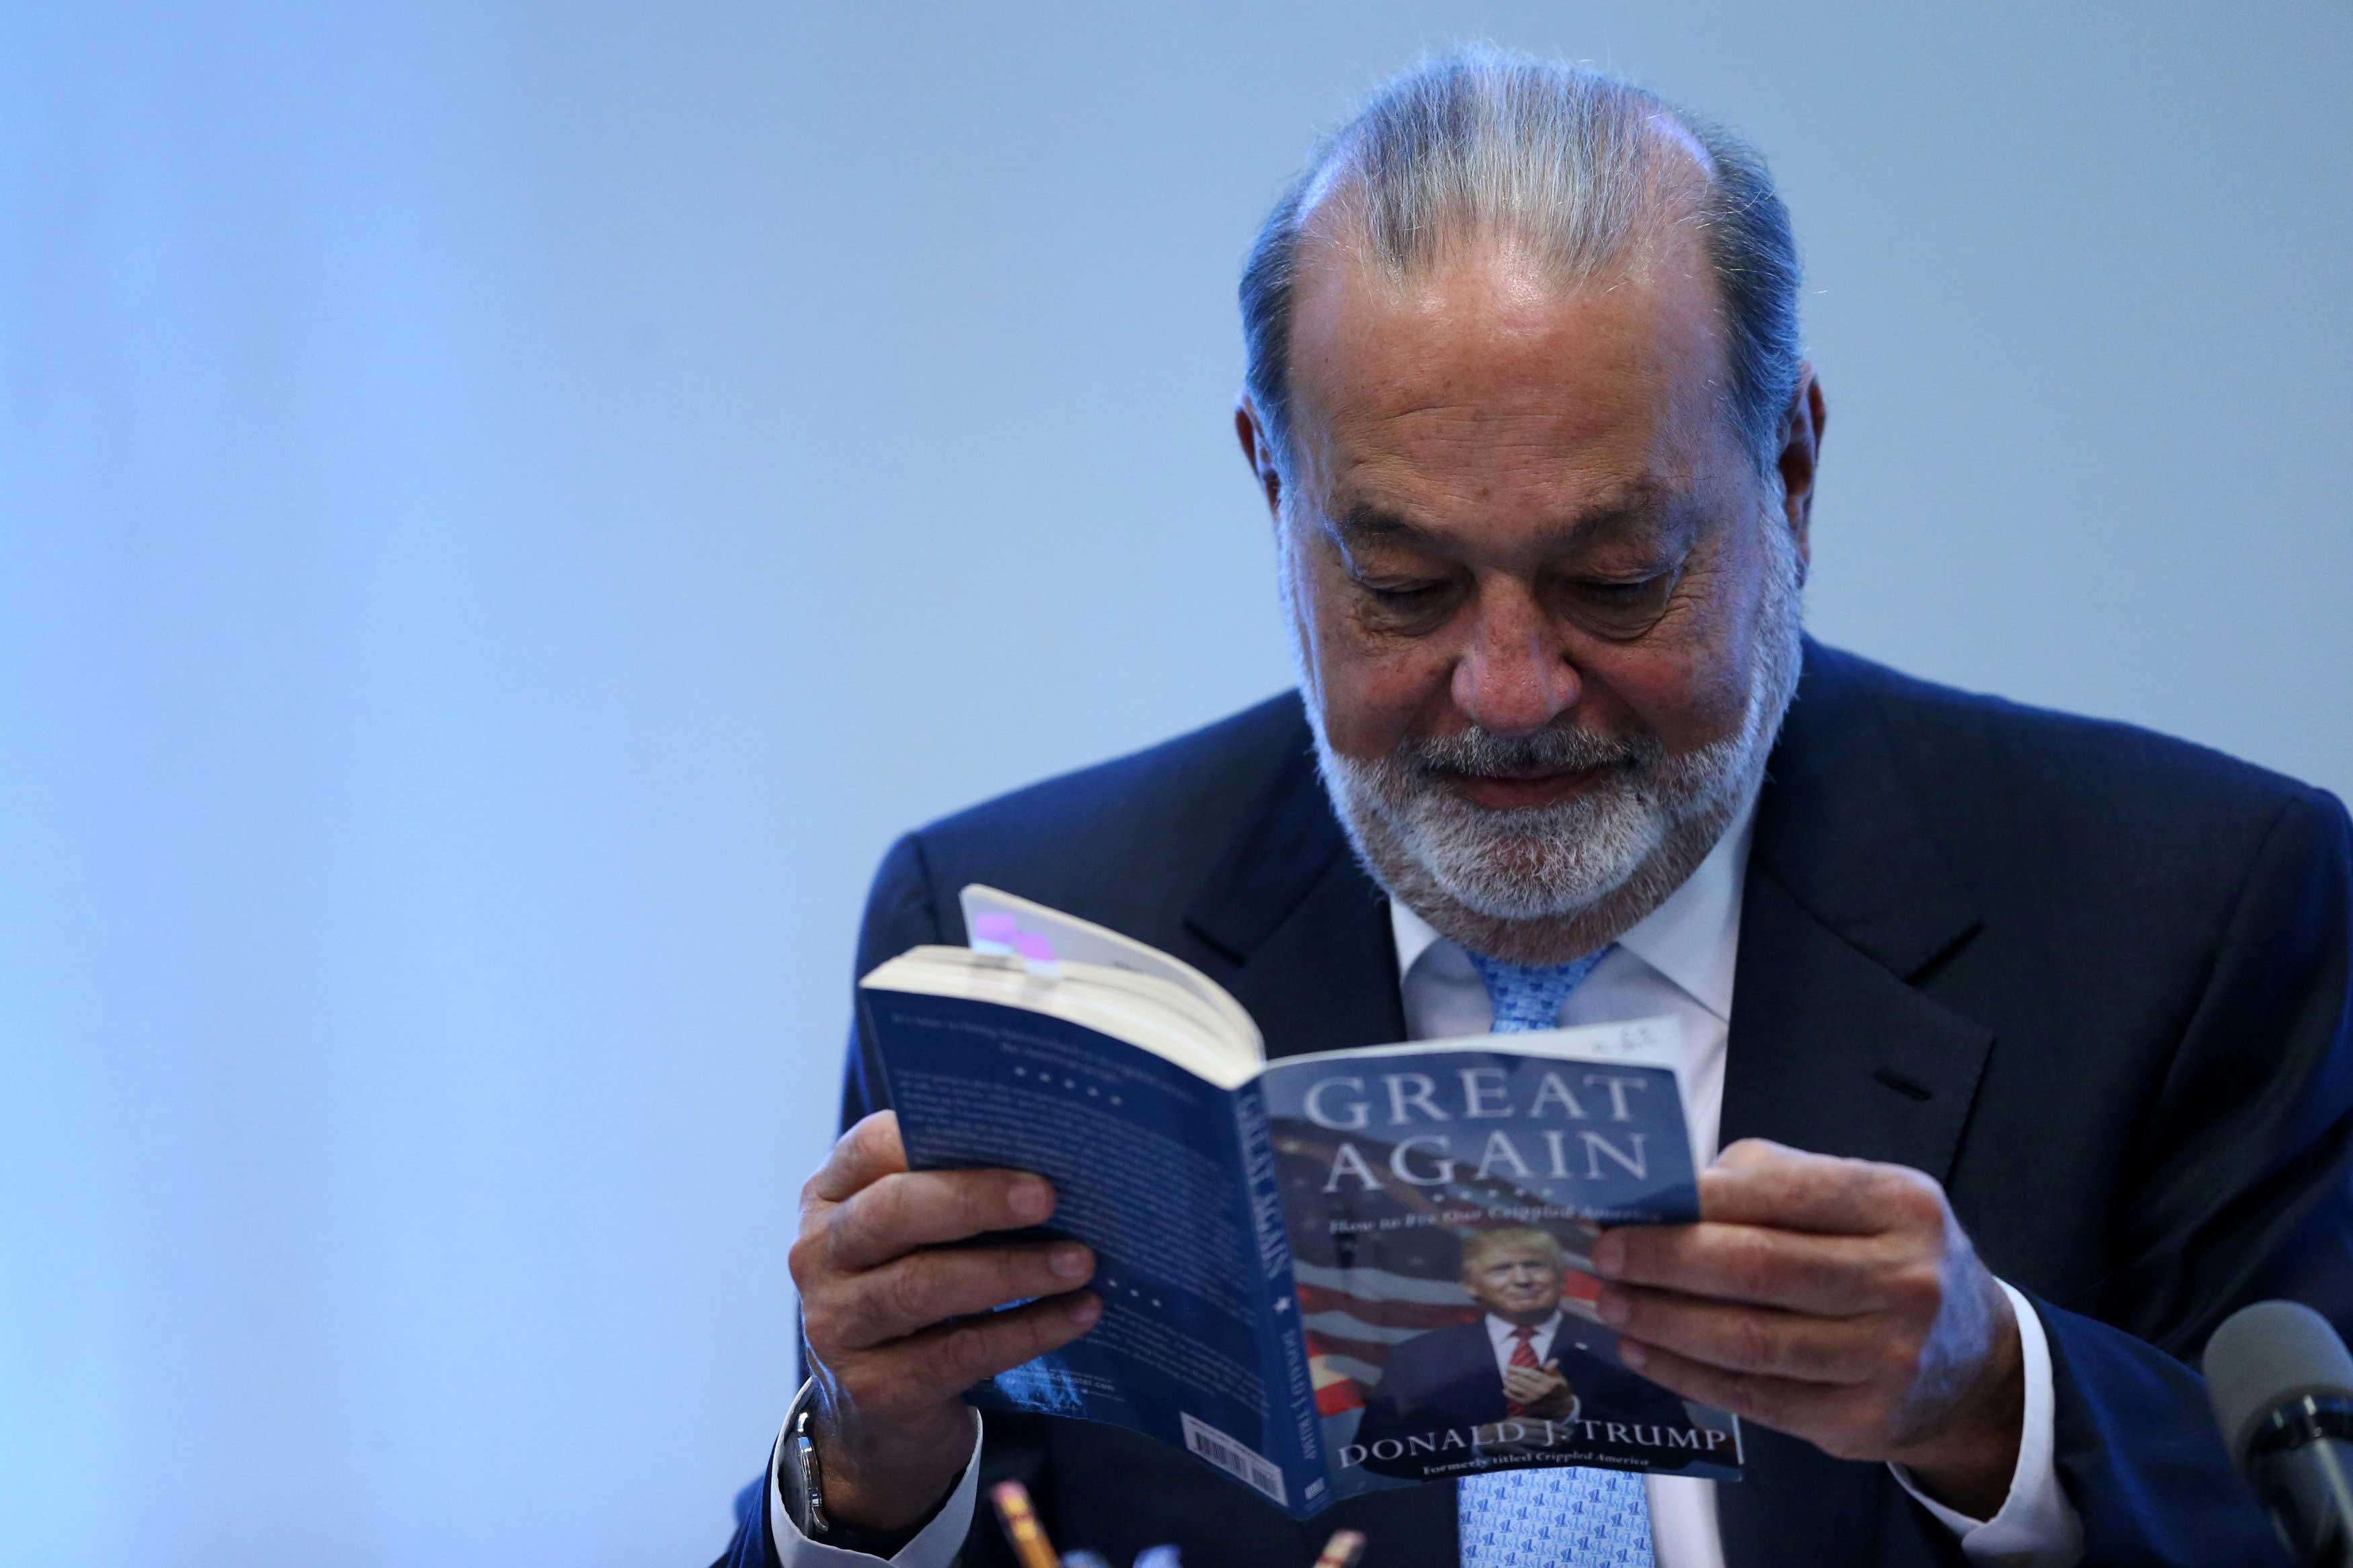 Carlos Slim lee el libro de Donald Trump, en conferencia en la Ciudad de México. Foto de Reuters